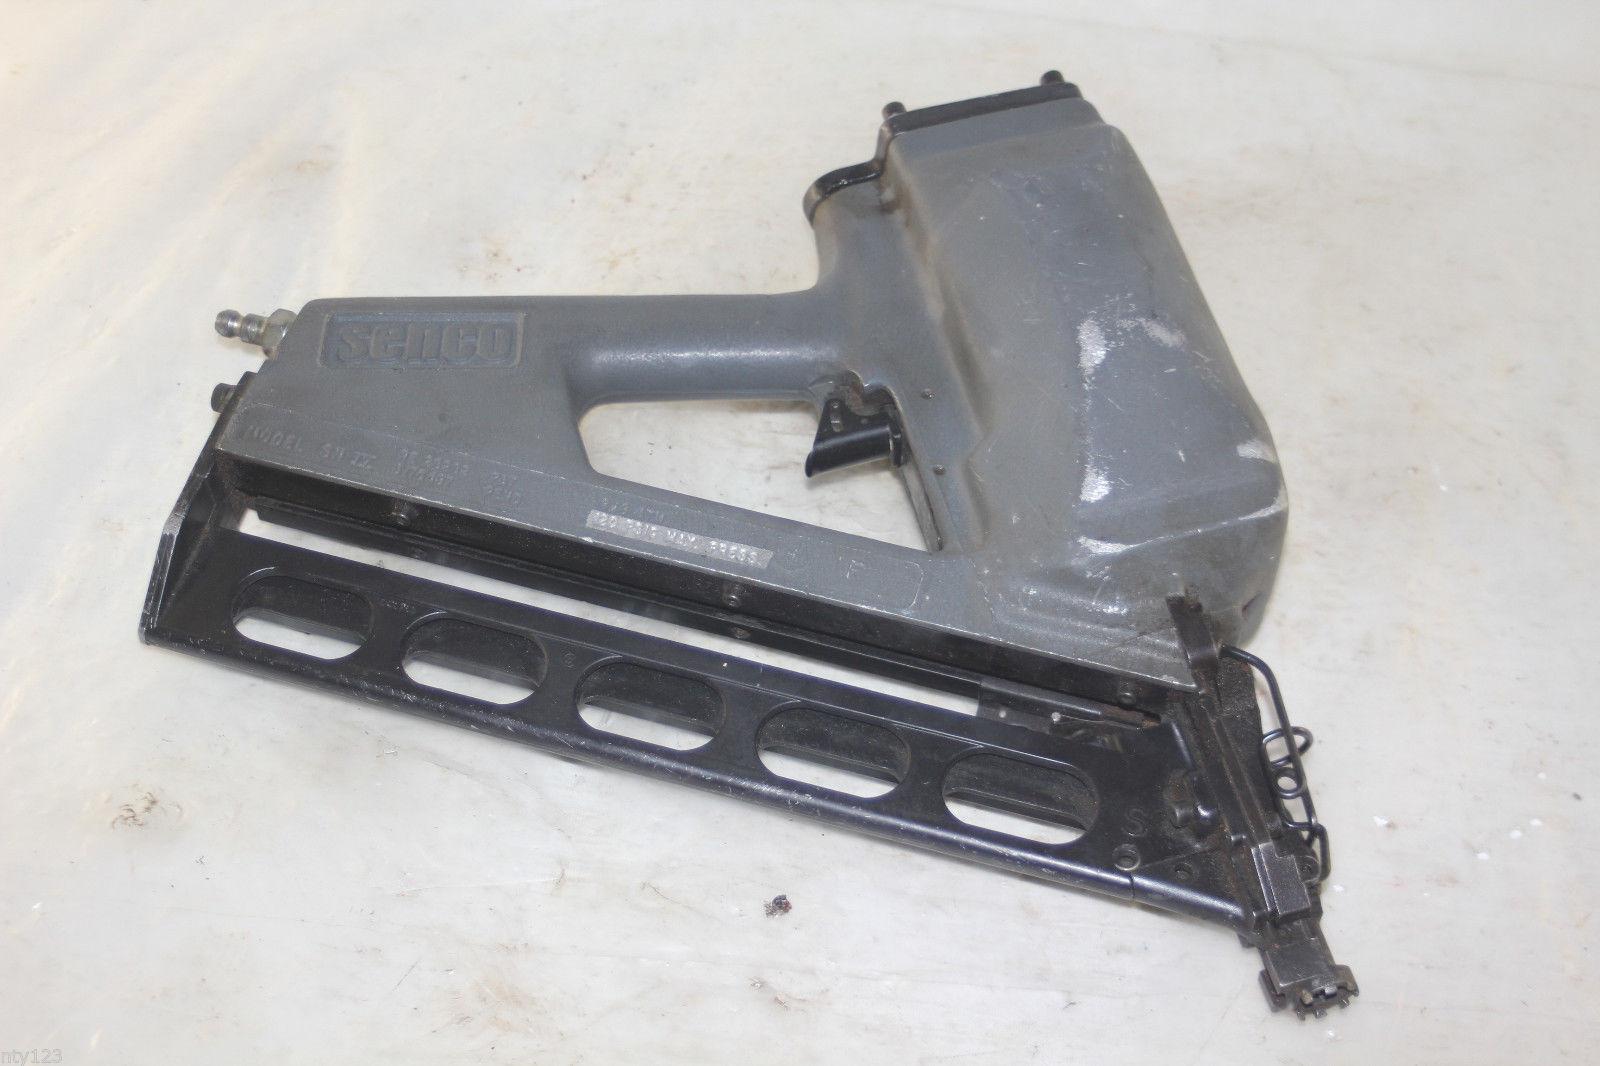 Senco Model Sn Iv 4 Framing Nailer and 50 similar items